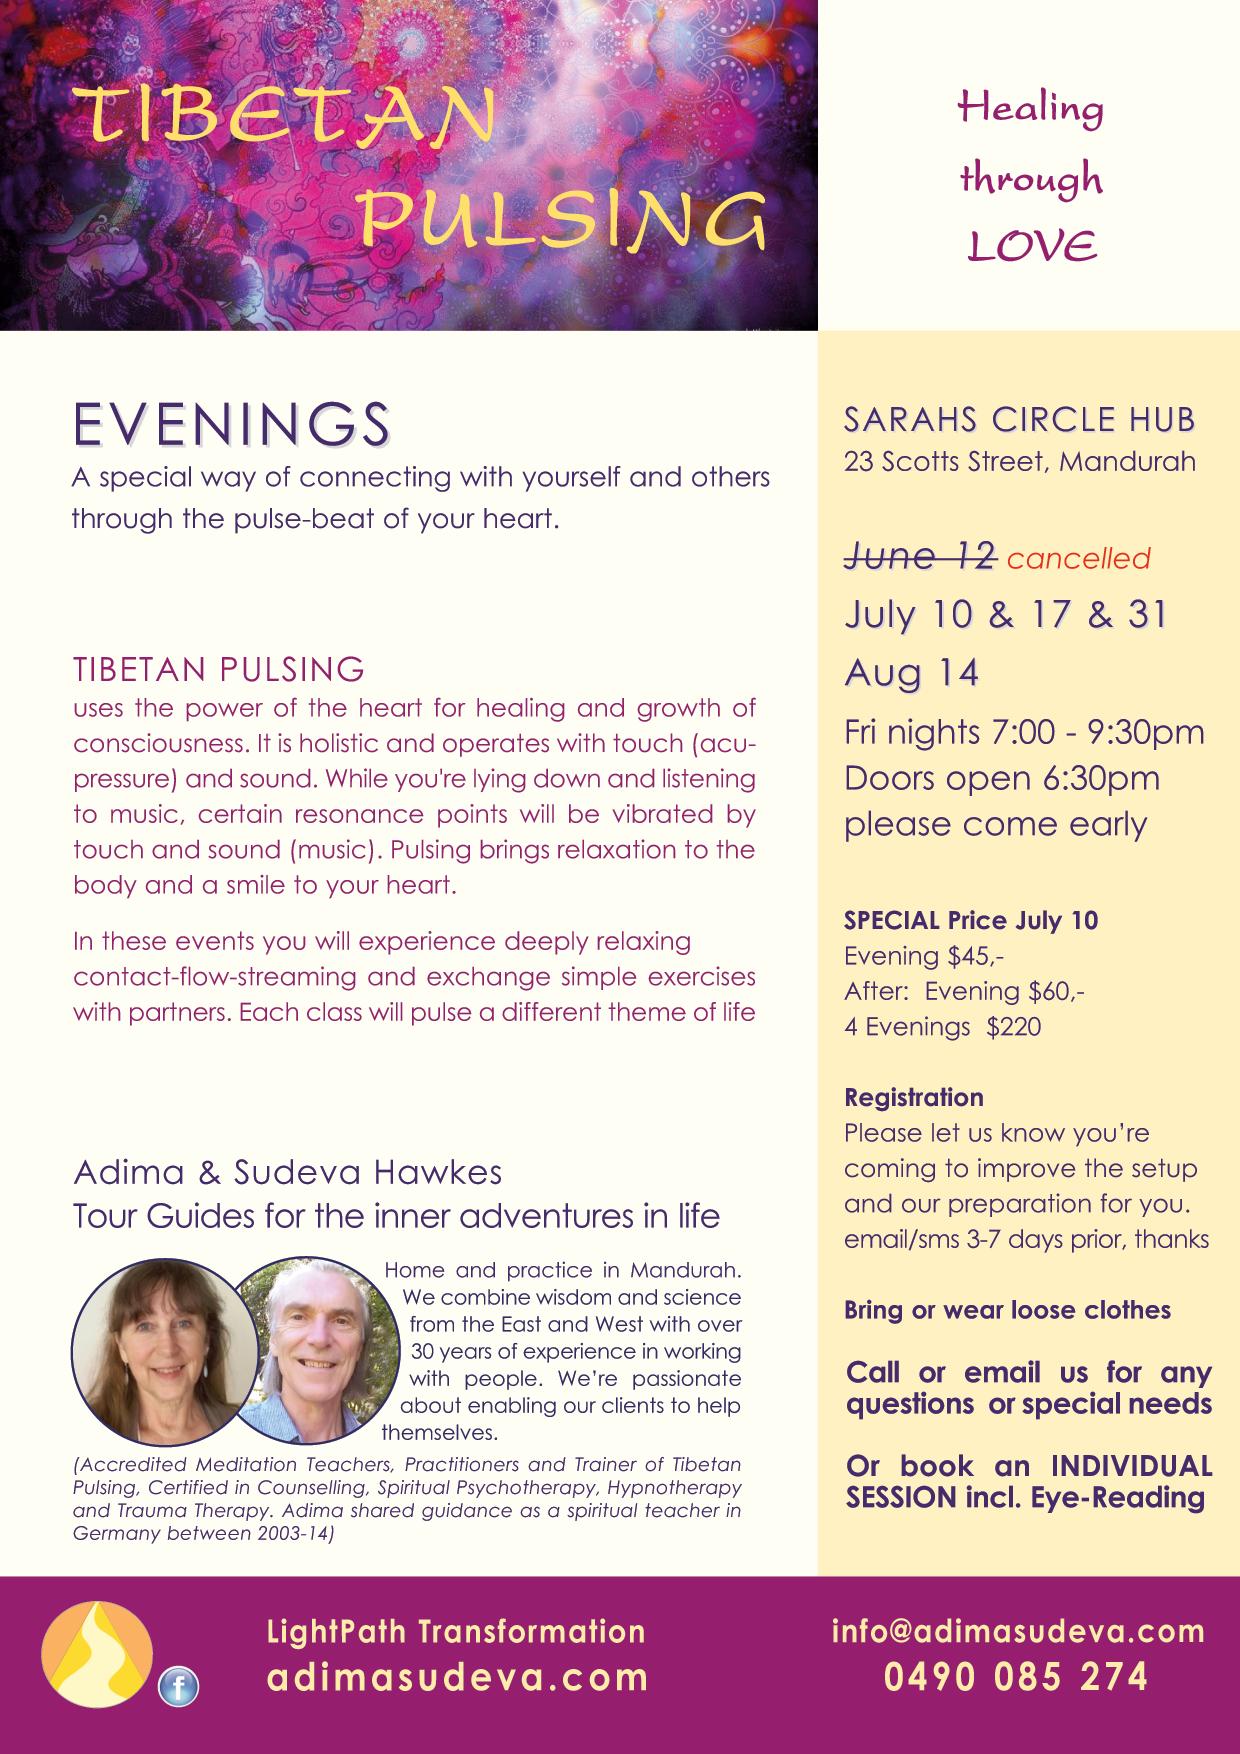 TibetanPulsing Evenings June-Aug